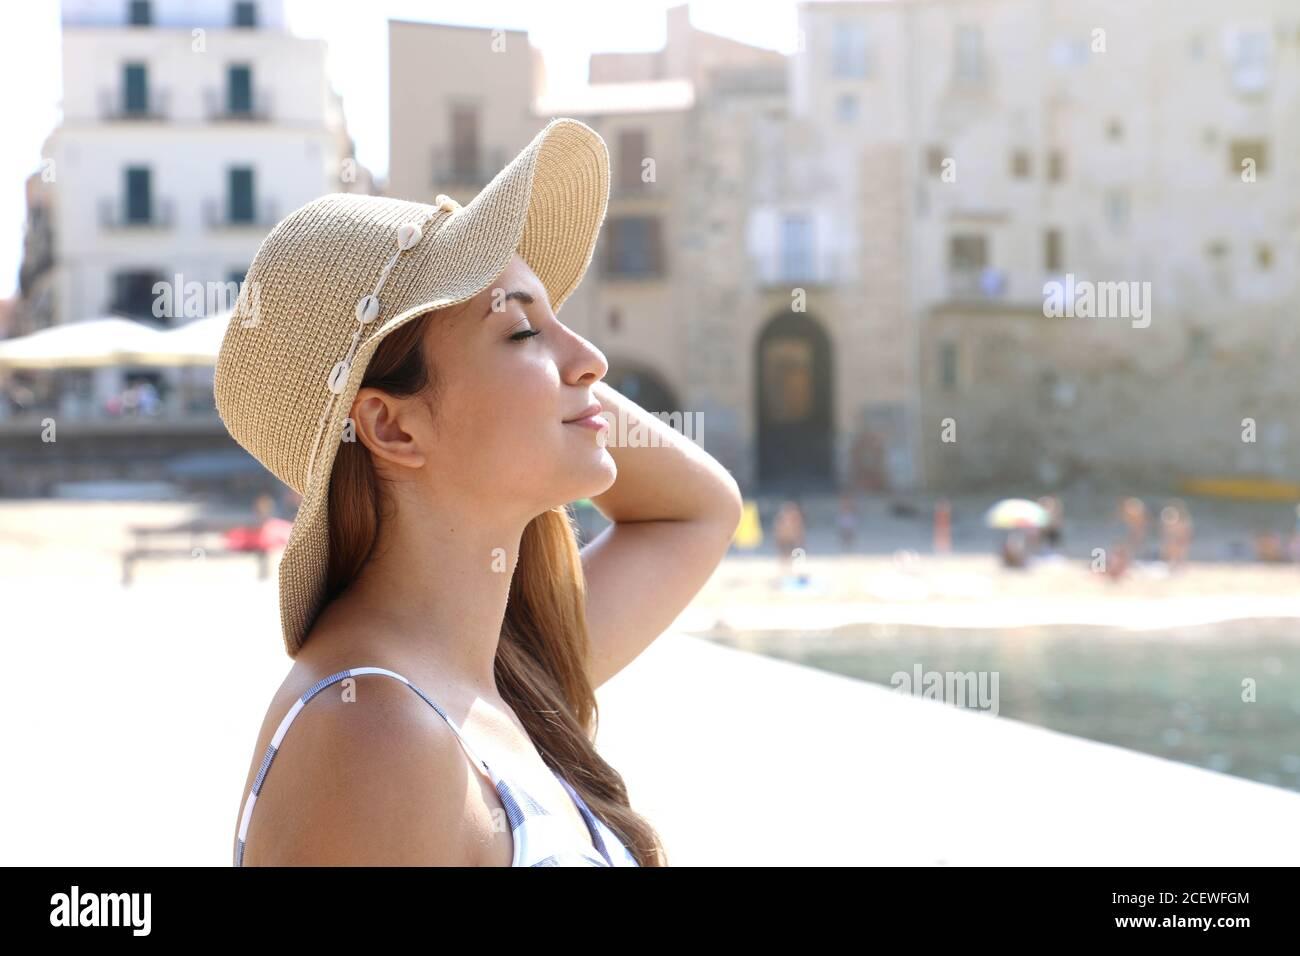 Cerca de una joven hermosa mujer con sombrero disfrutando del sol en la playa. Vacaciones relajantes tomando el sol en Cefalu, Sicilia. Foto de stock